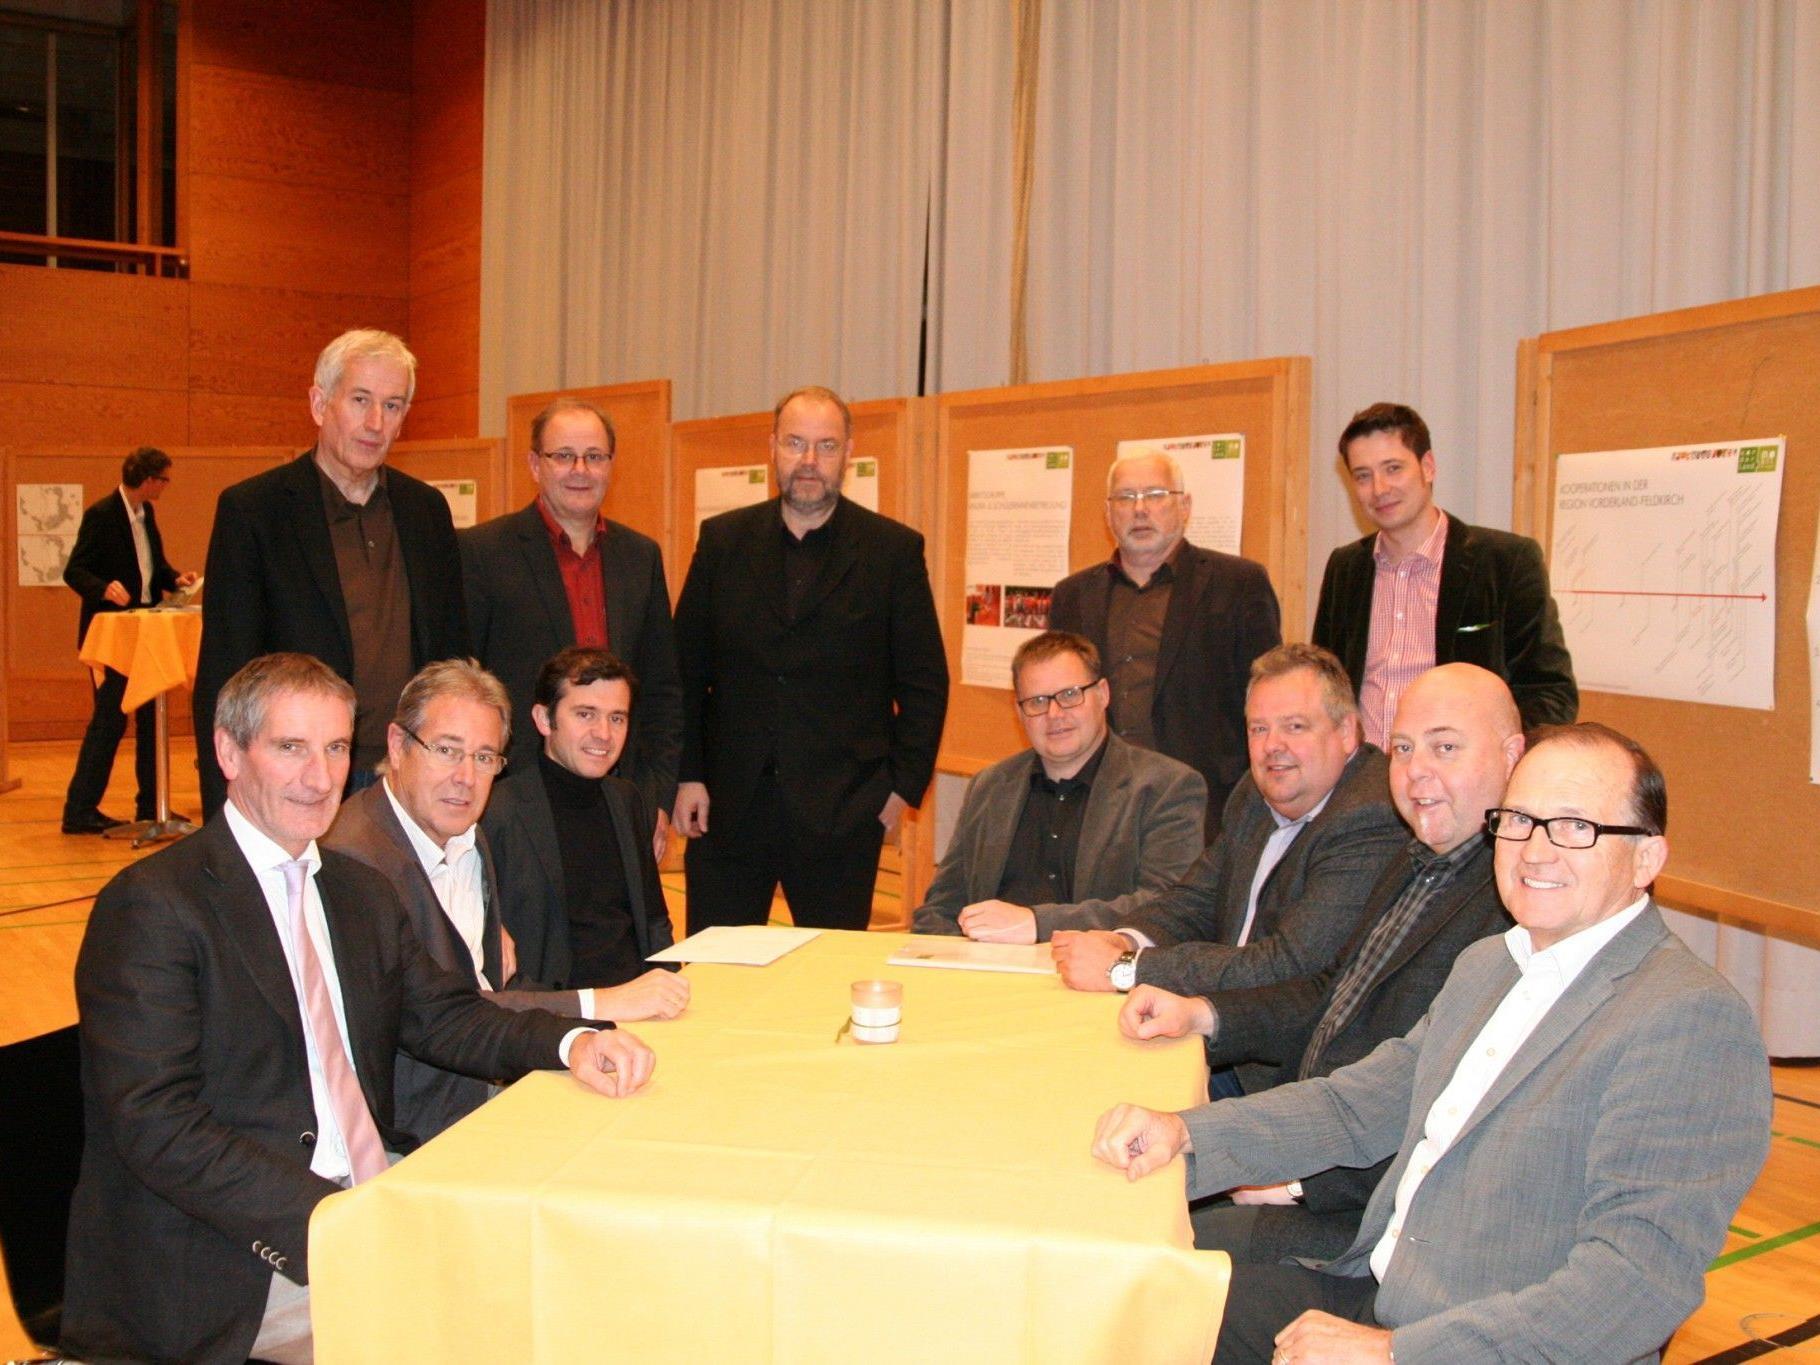 Die Regio-Bürgermeister mit dem neuen Geschäftsführer Christoph Kirchengast.